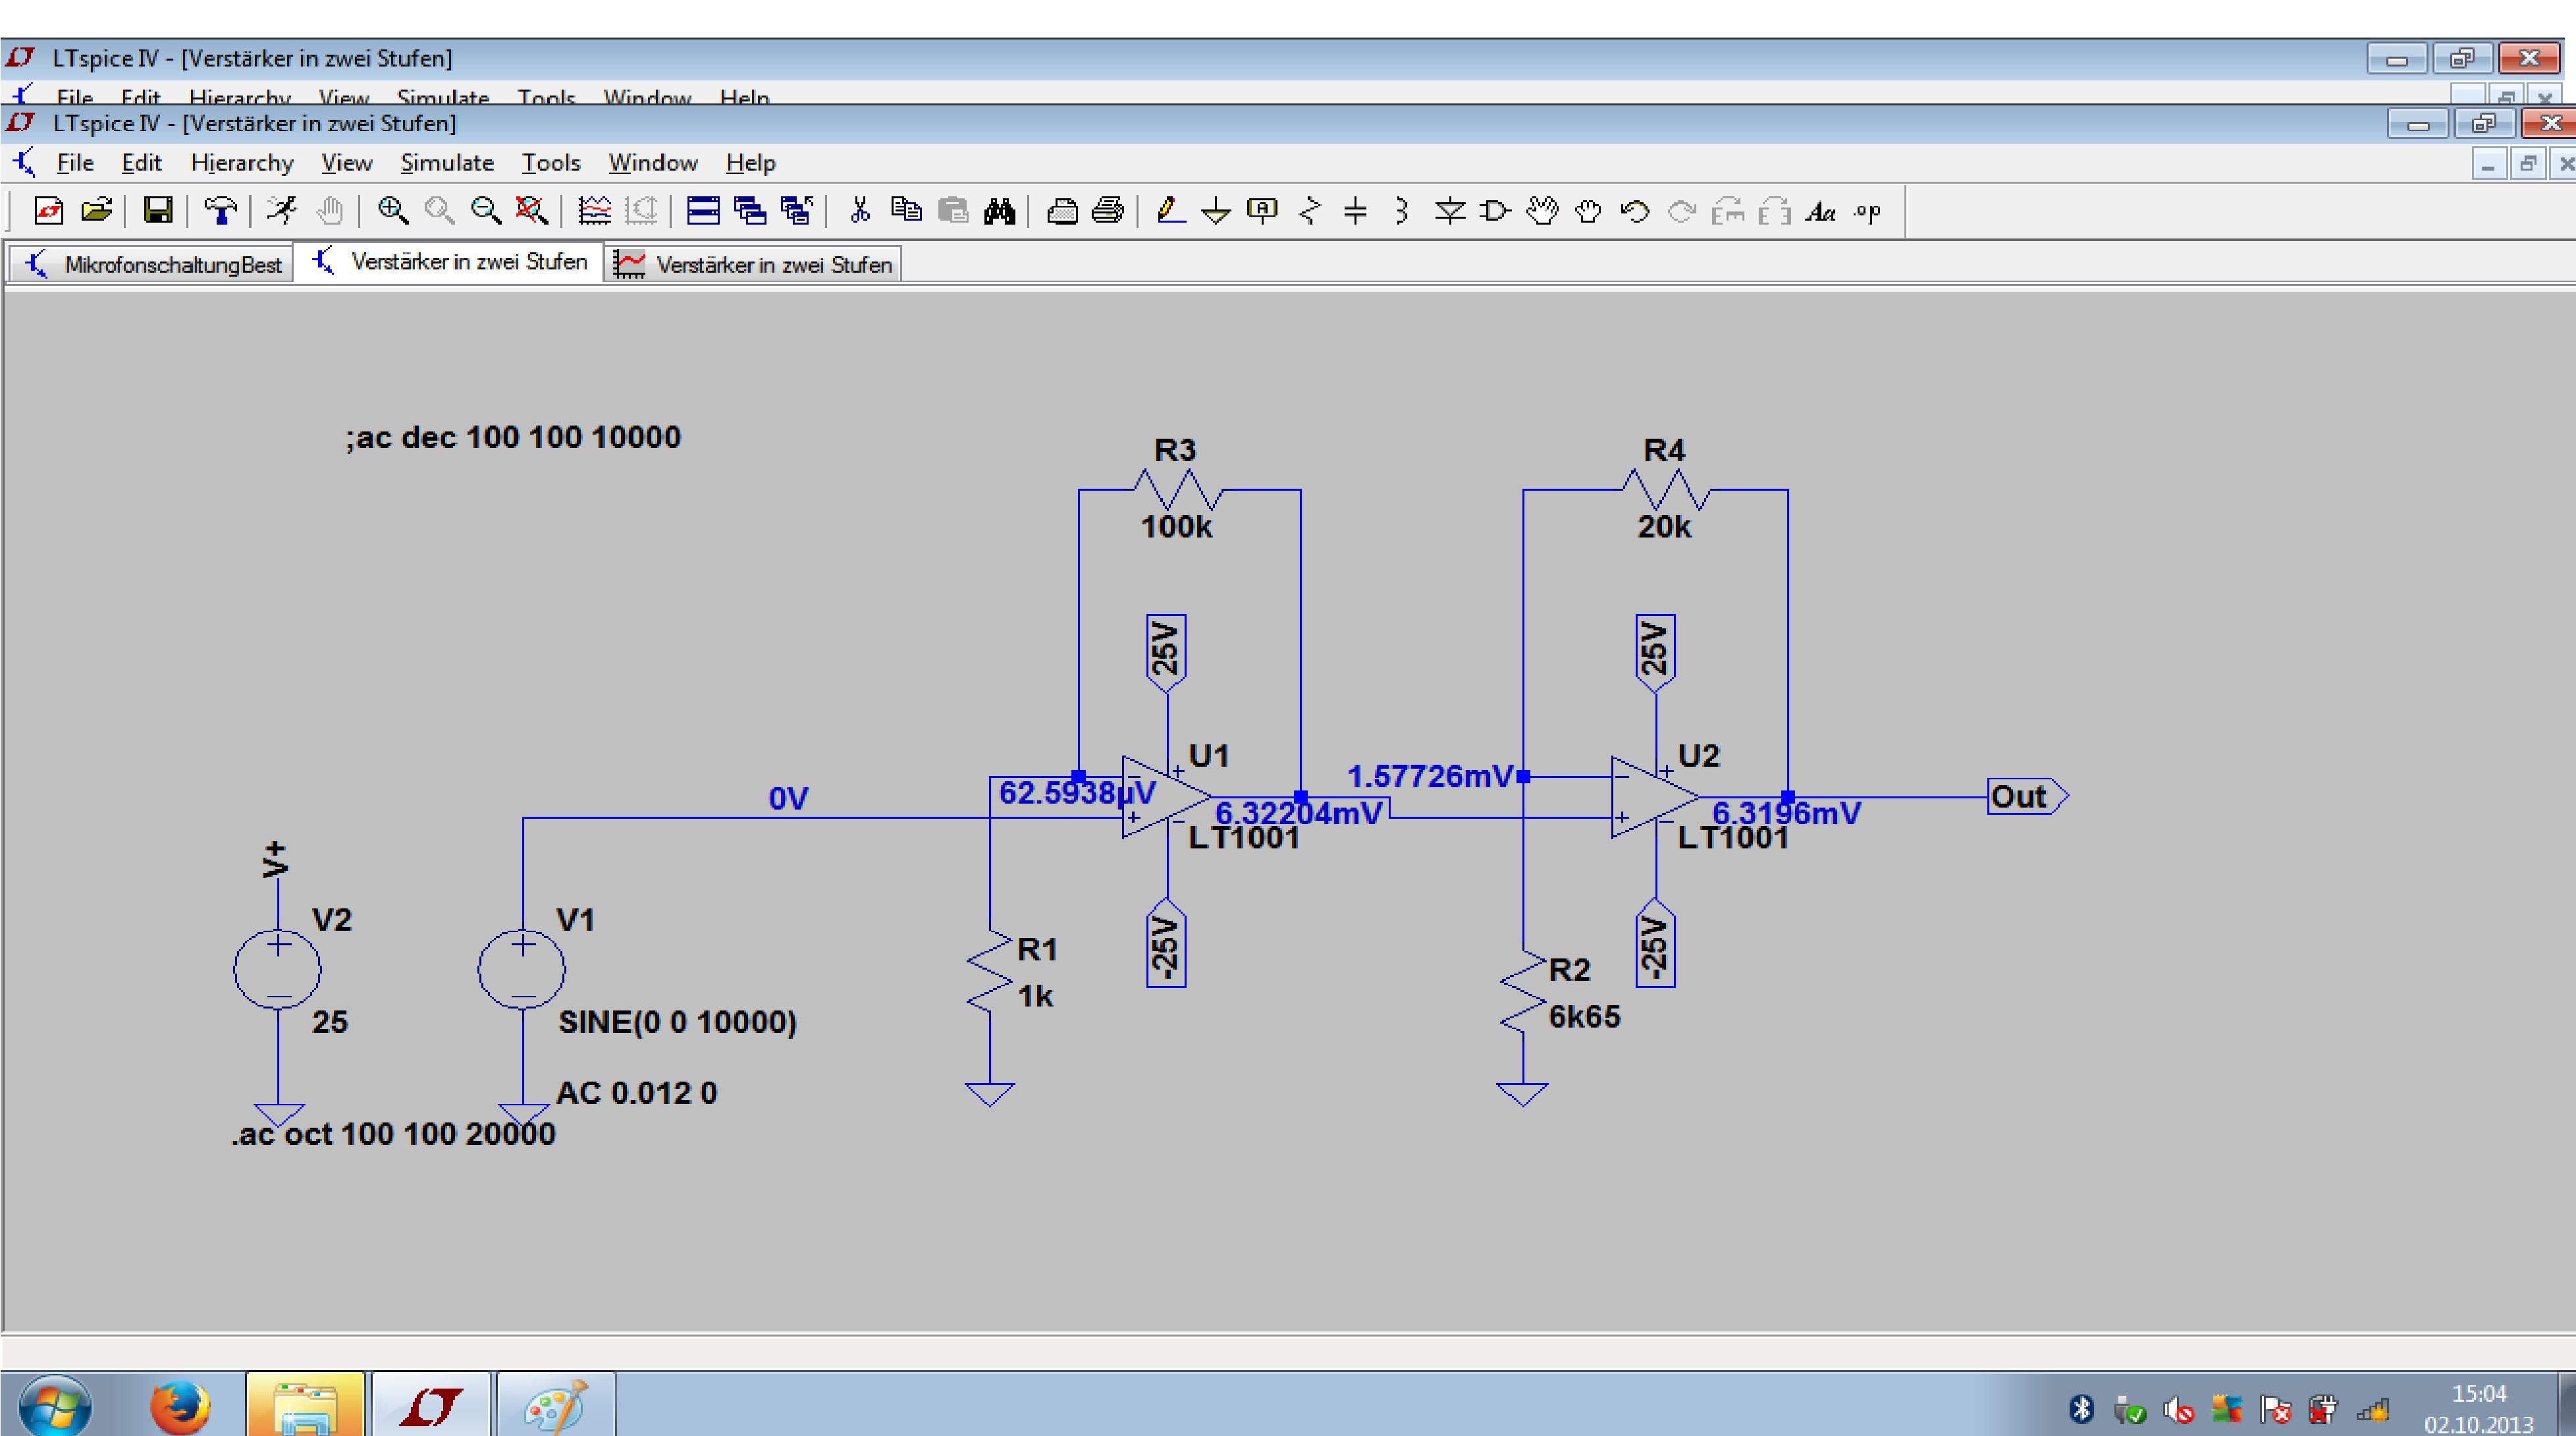 Frage zum Schaltplan - Mikrocontroller.net